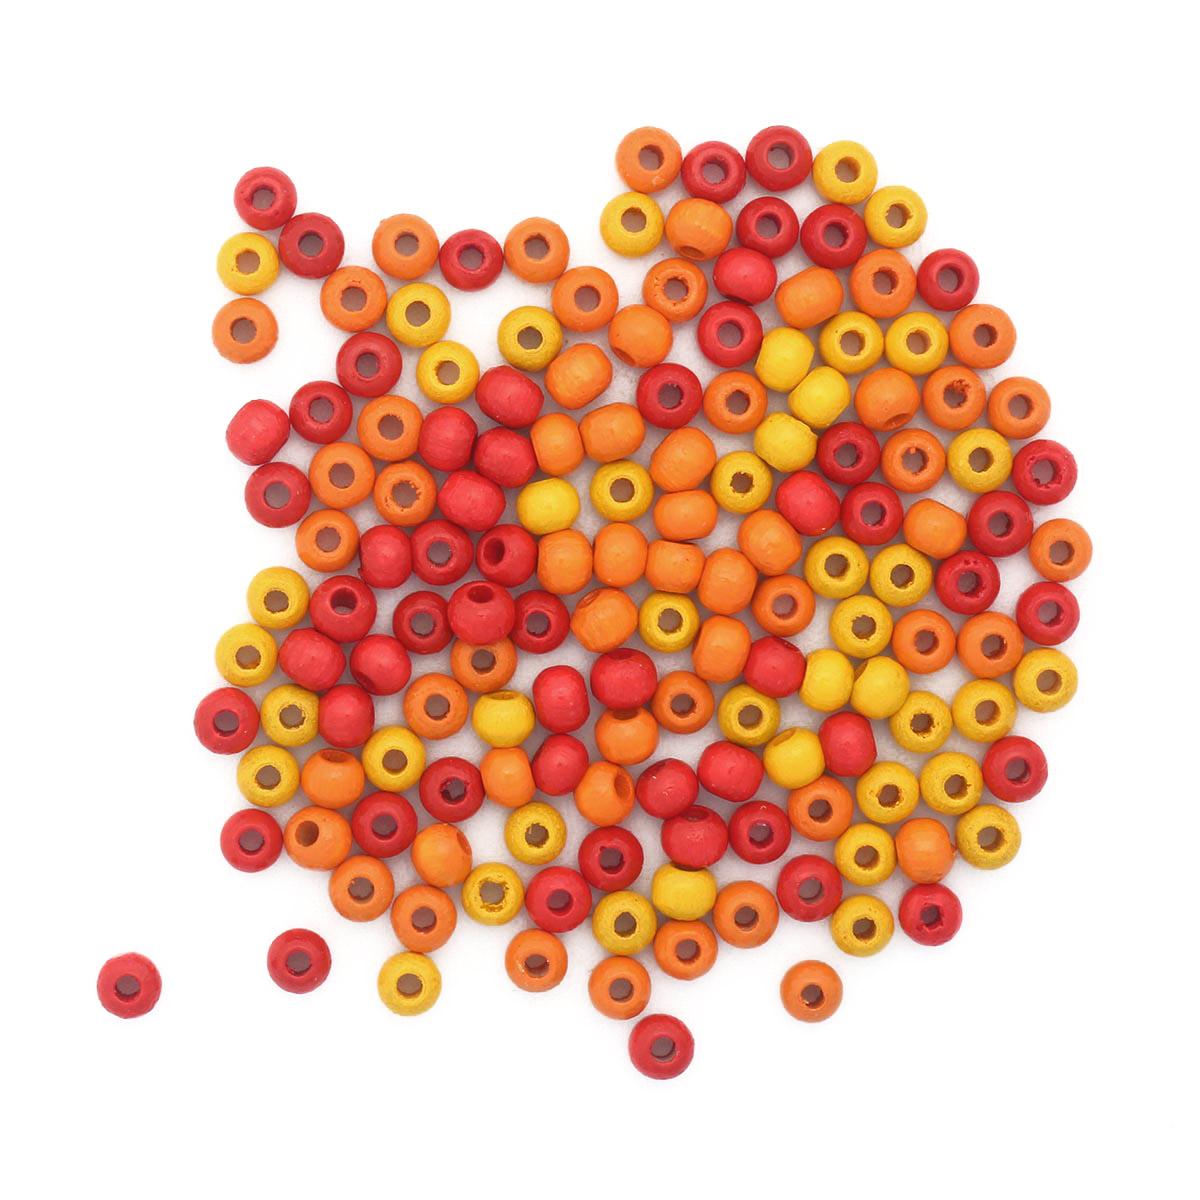 61651050 Бусины дерево, оранжевый микс, 4 мм, упак./155 шт., Glorex